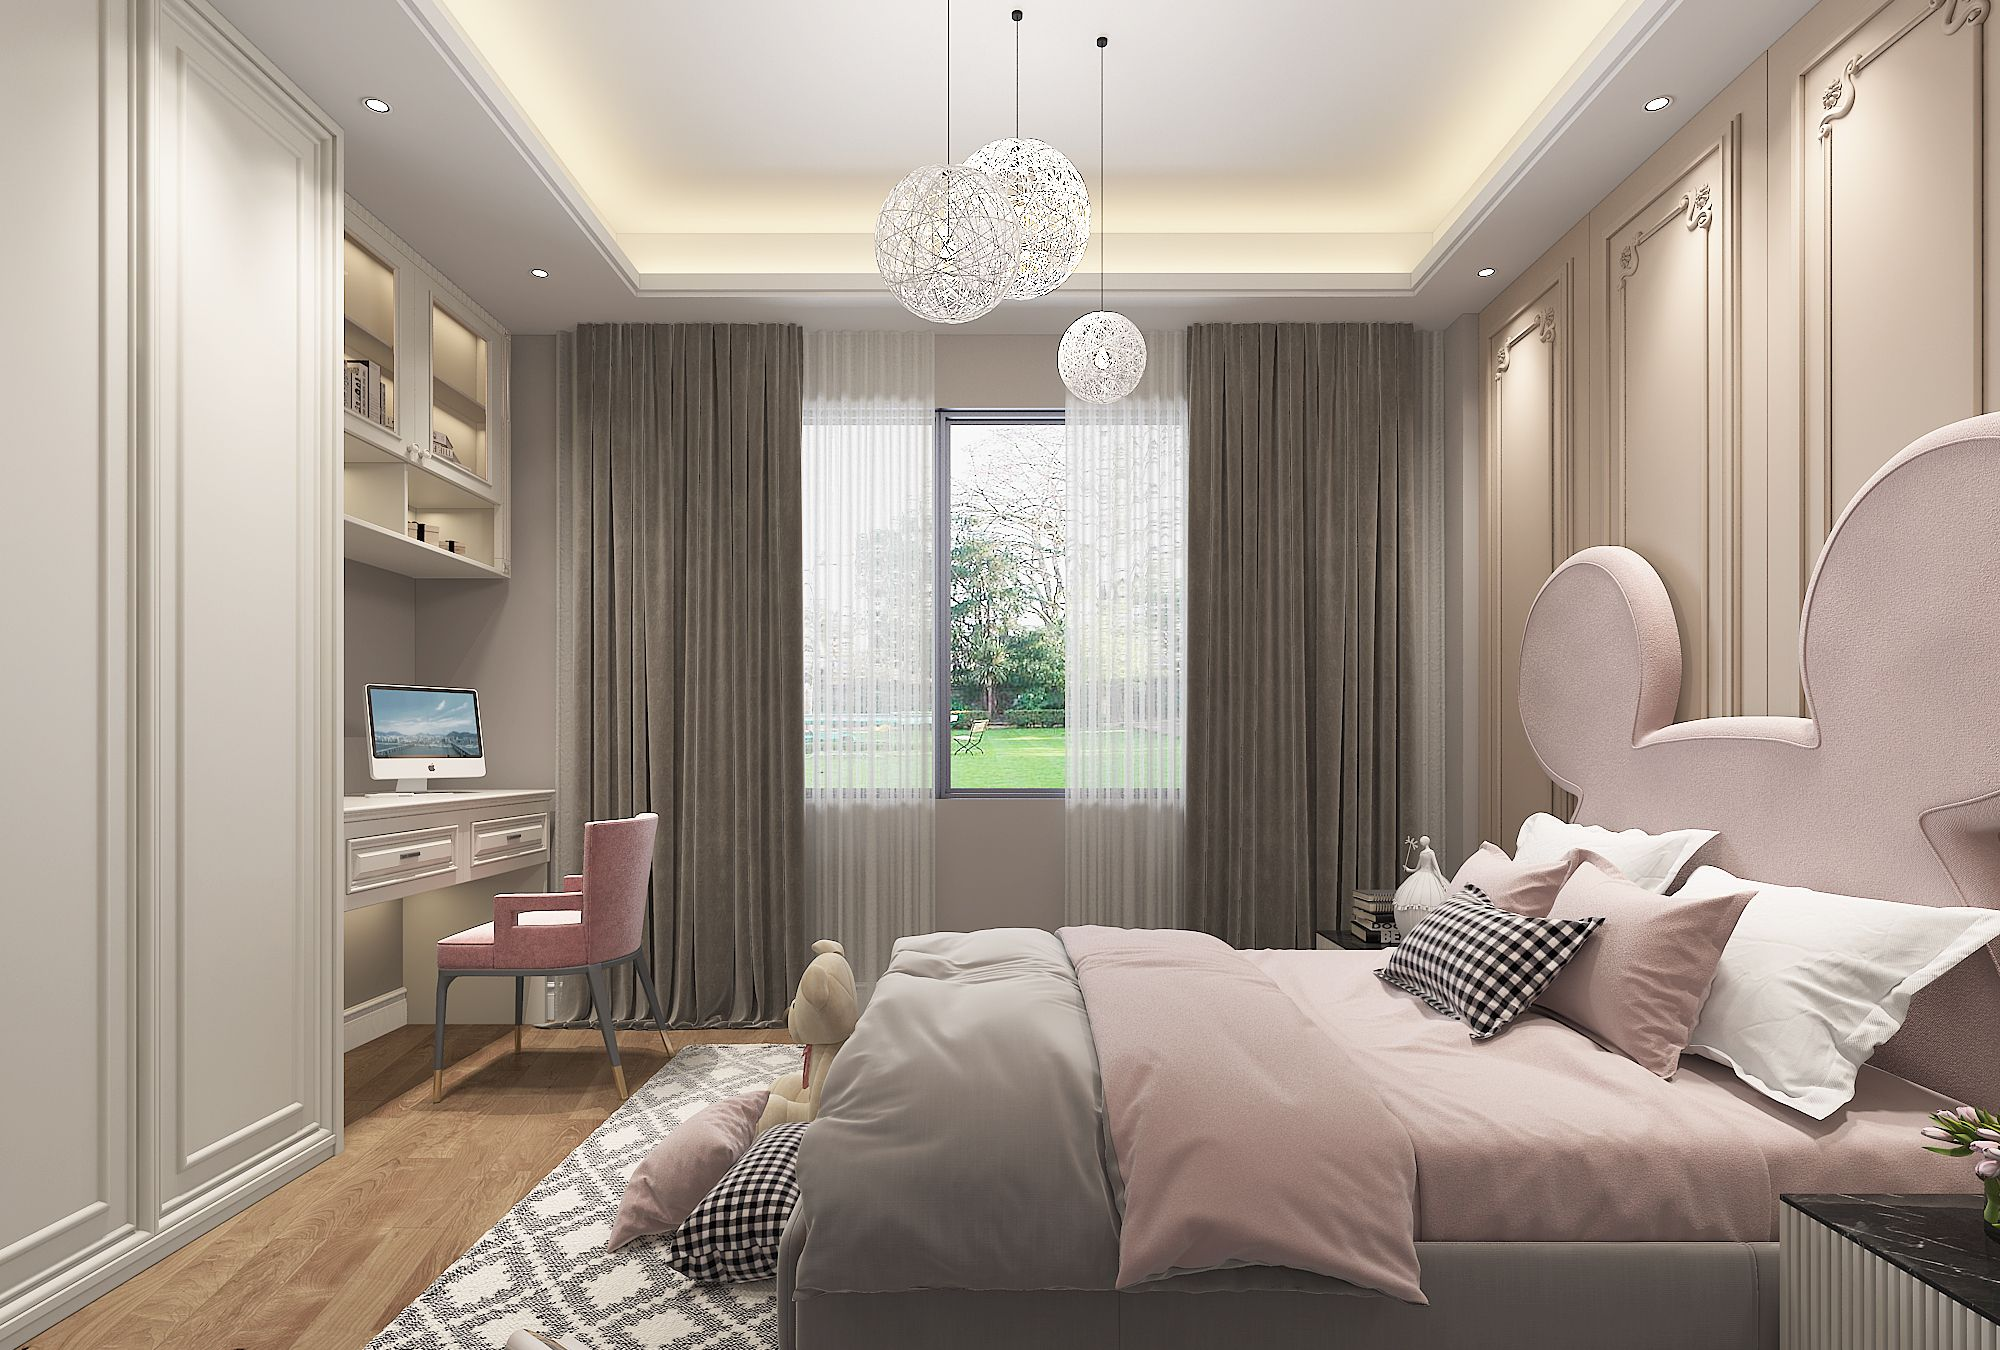 新中式风格联排别墅装修效果图赏析,赋予空间传统文化底色